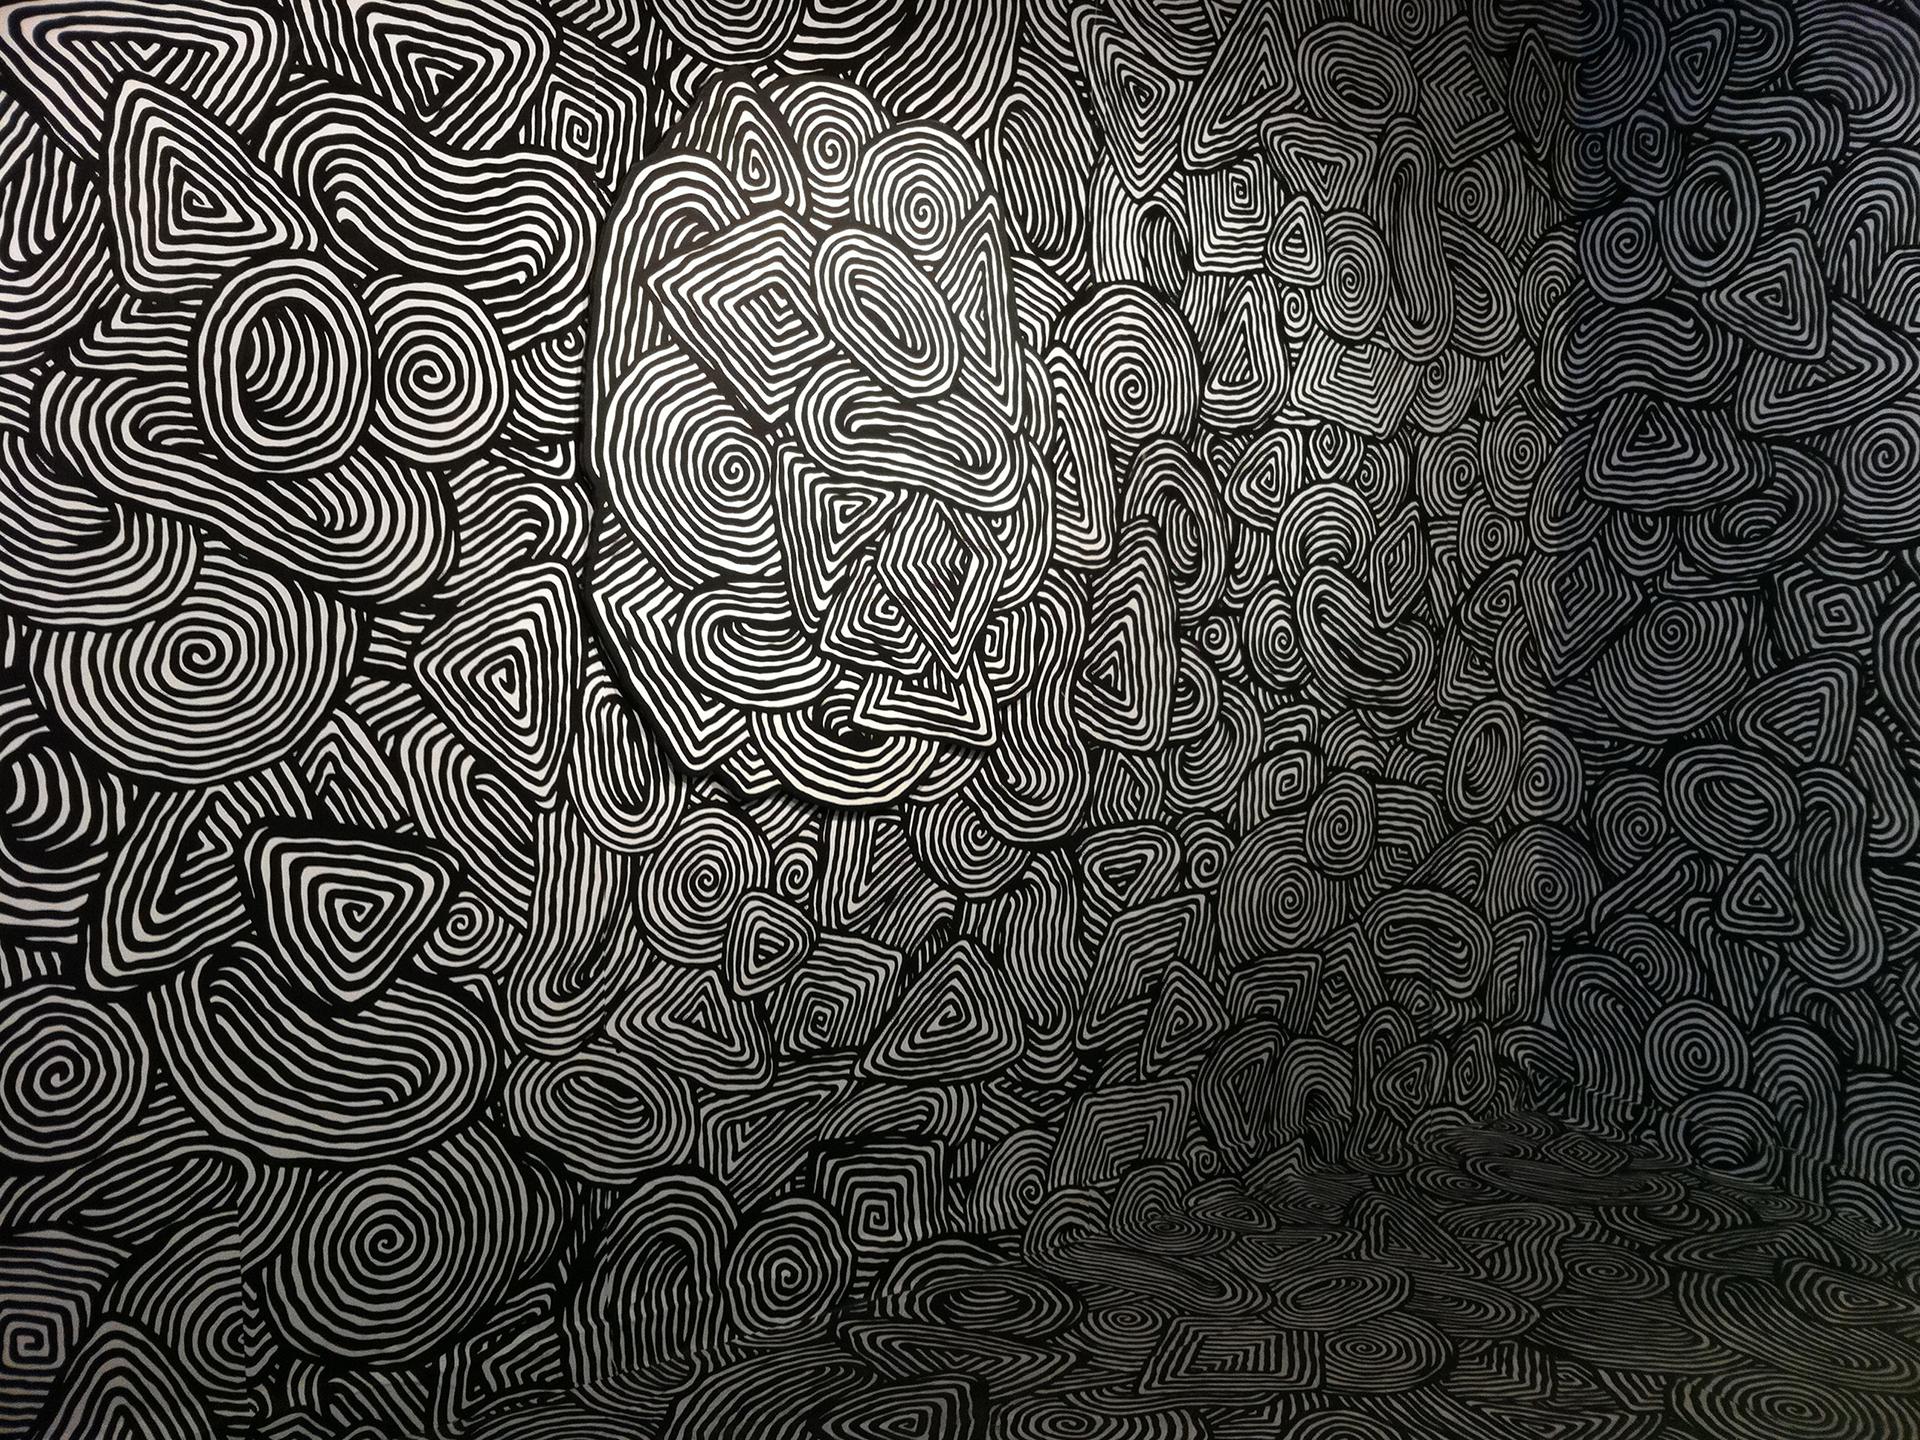 3d texture wallpaper wallpapersafari for 3d embossed wallpaper